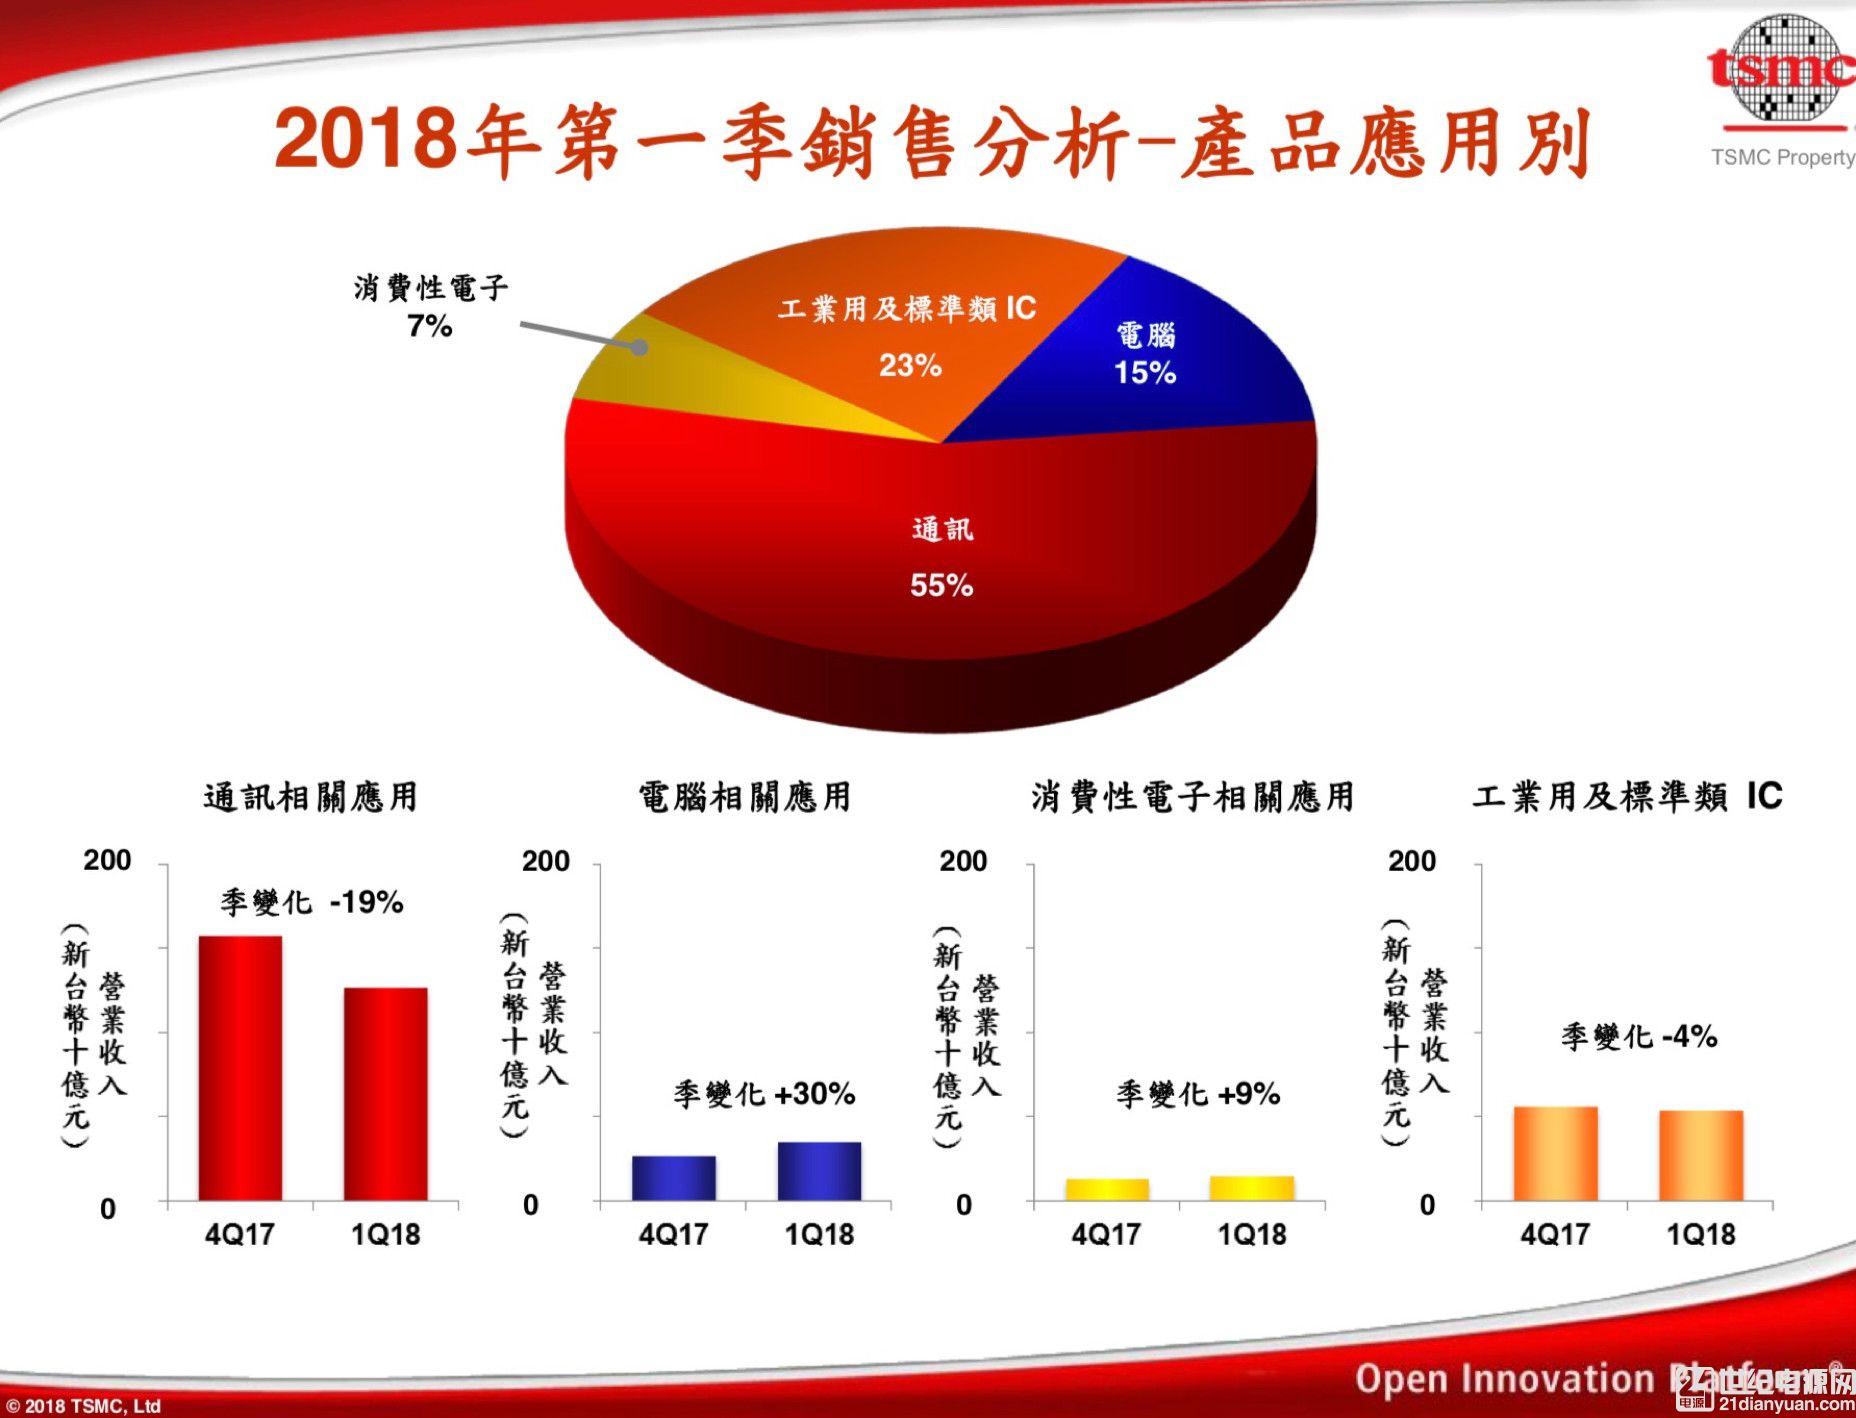 台积电 Q1 营收同比增长6%:挖矿客户转向 7nm,EUV 7nm 强化版明年量产